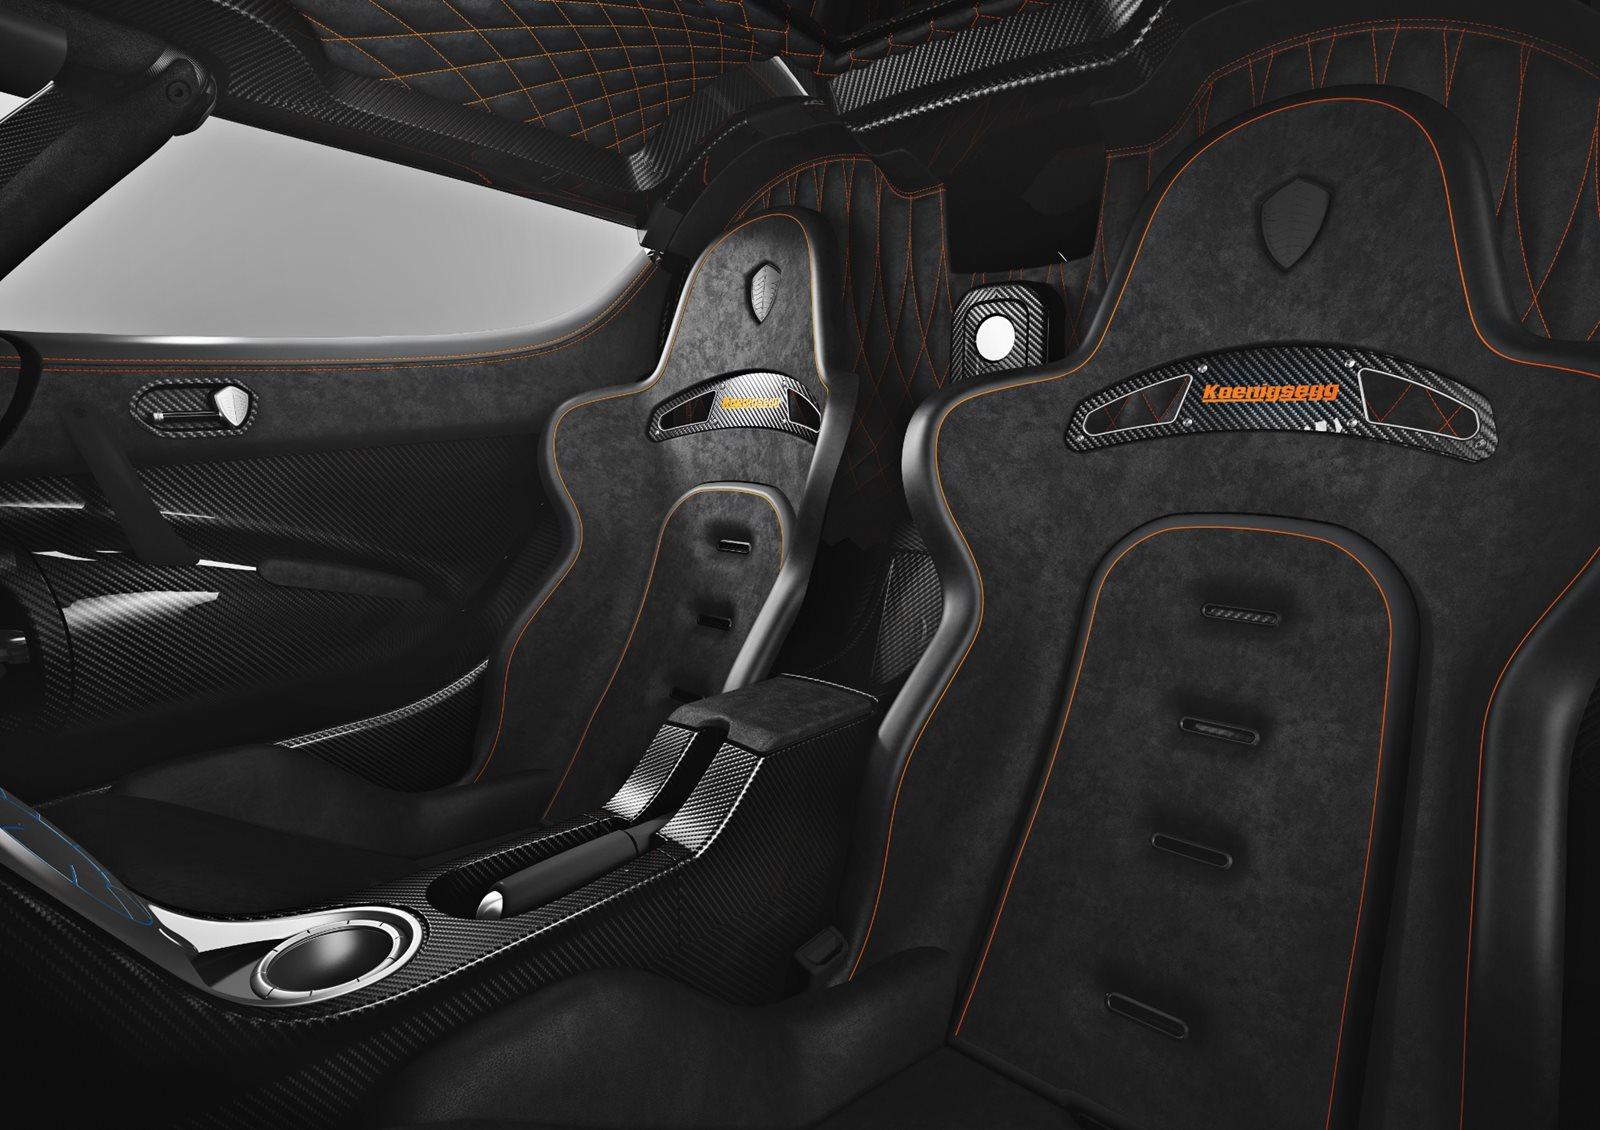 2015 Koenigsegg One:1 full